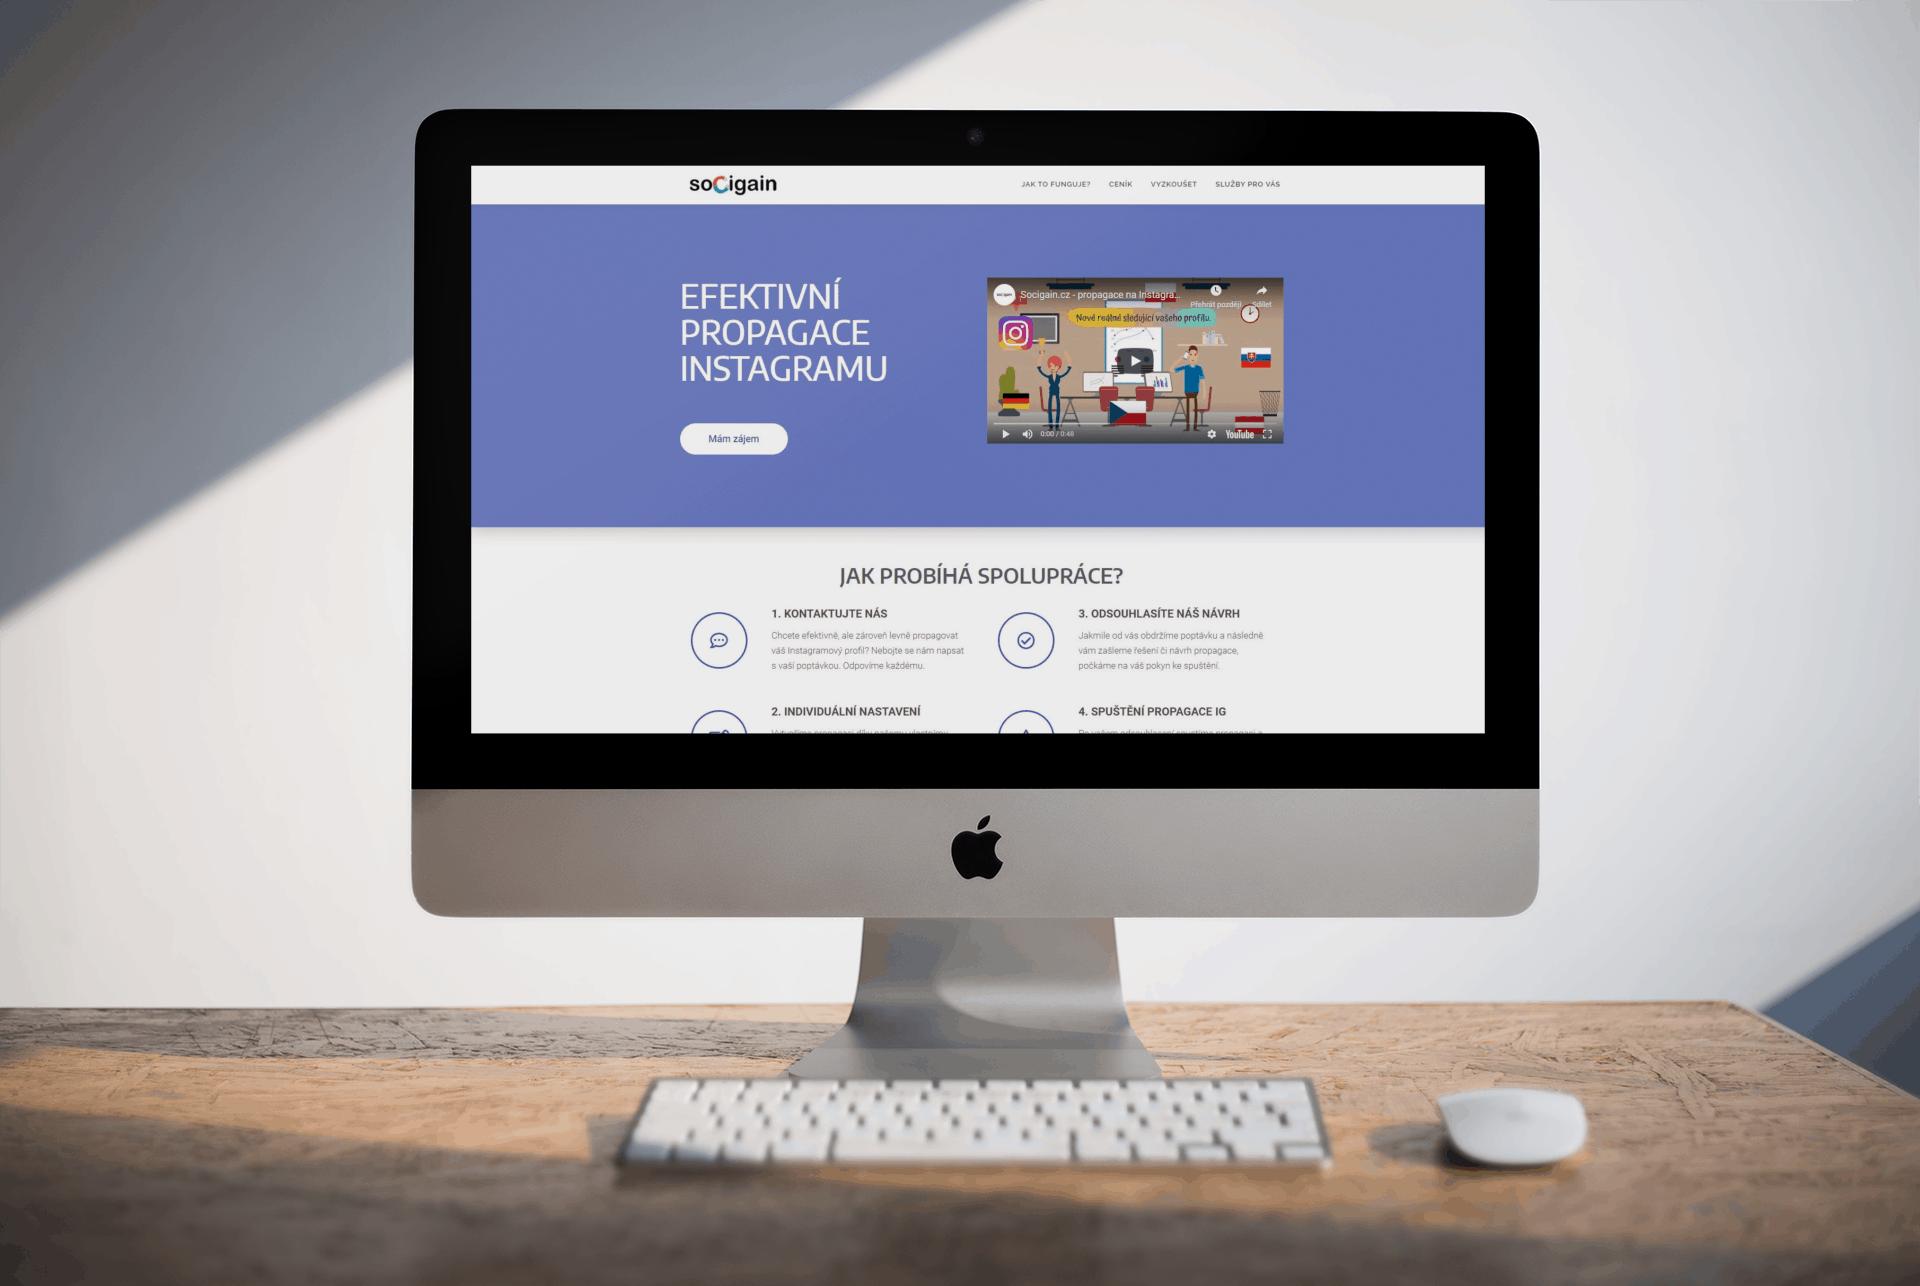 Tvorba webové stránky socigain